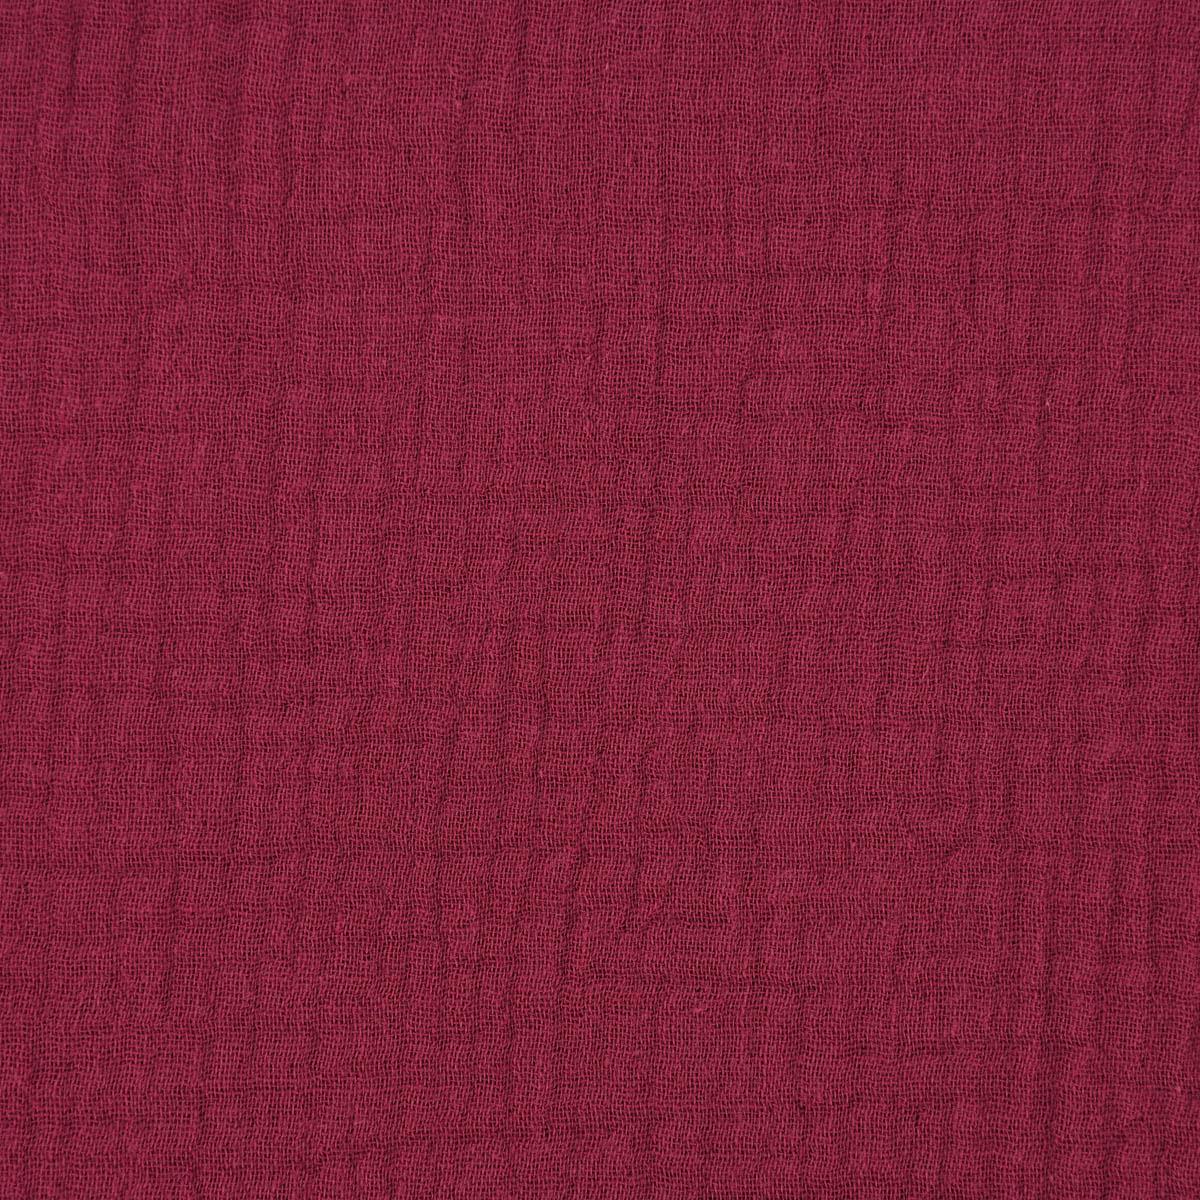 Double Gauze Musselin GOTS Bio Musselin Windelstoff einfarbig bordeaux rot 1,30m Breite